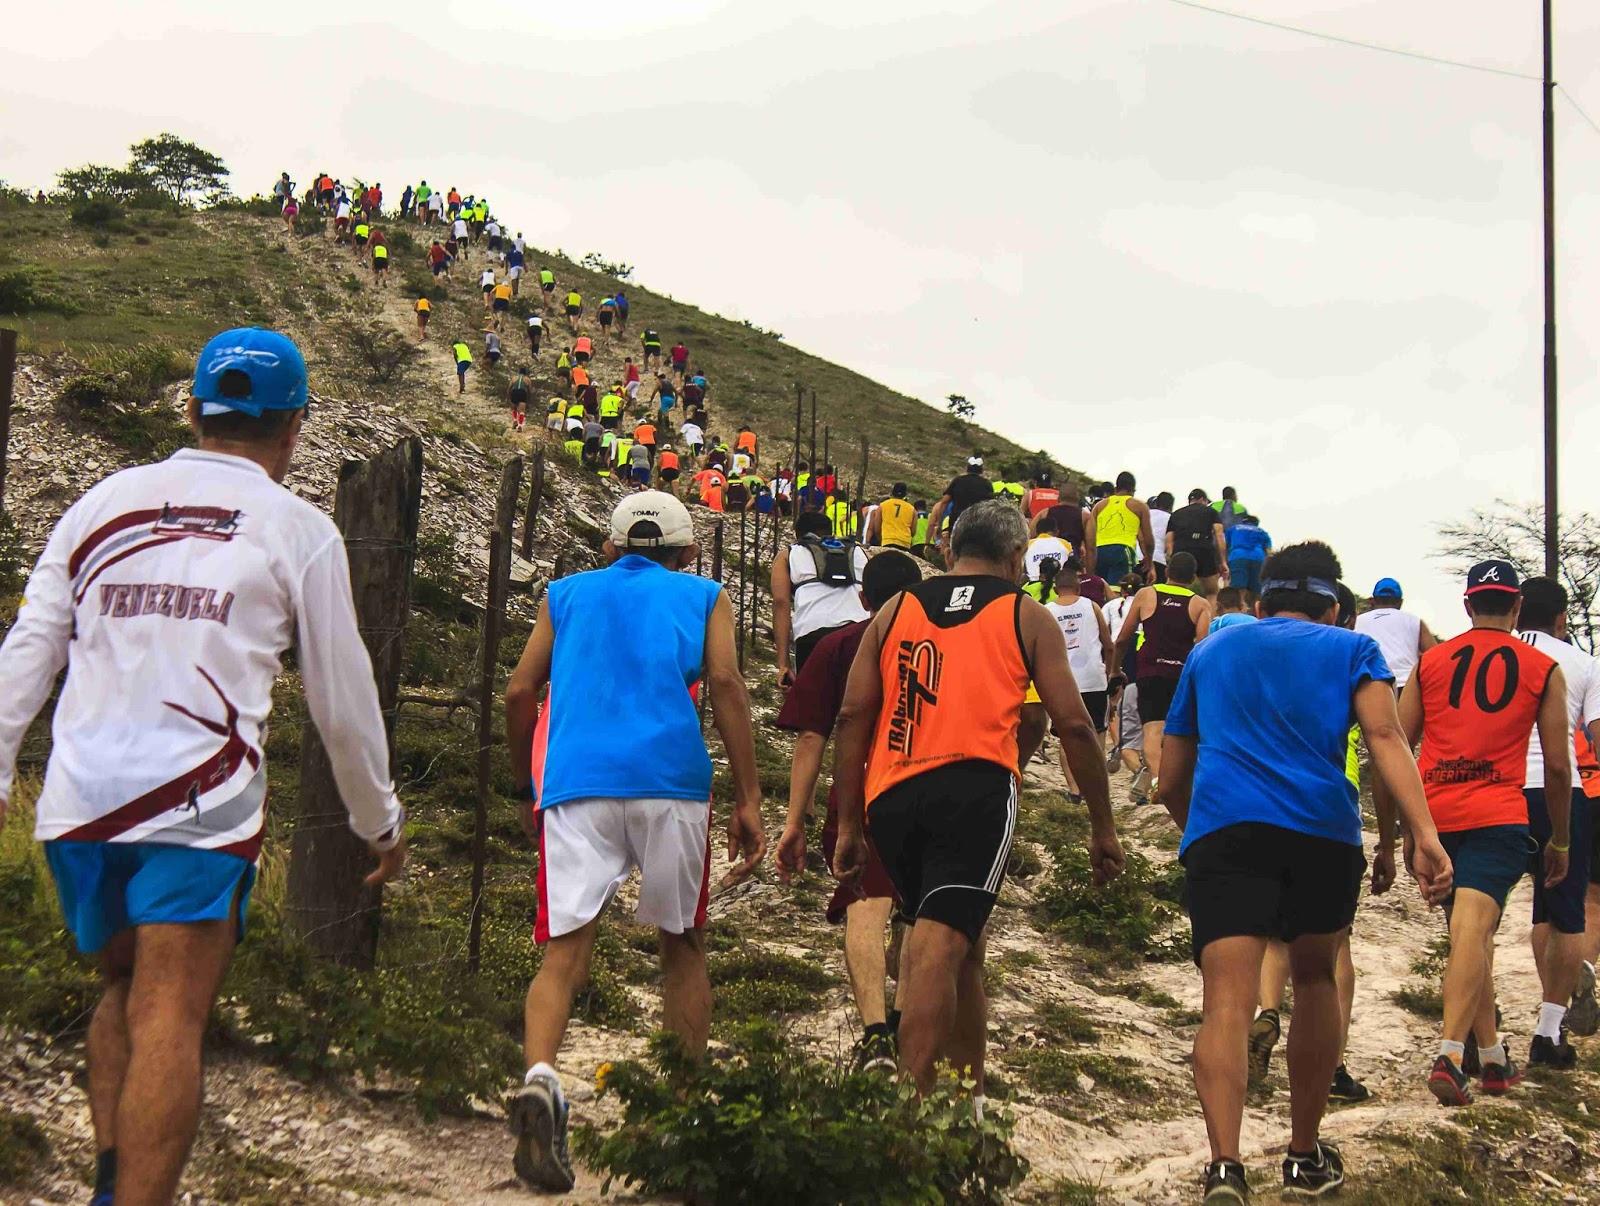 La «carrera del chivo», peculiar maratón que recorre carreteras y montañas de Venezuela (+Video)